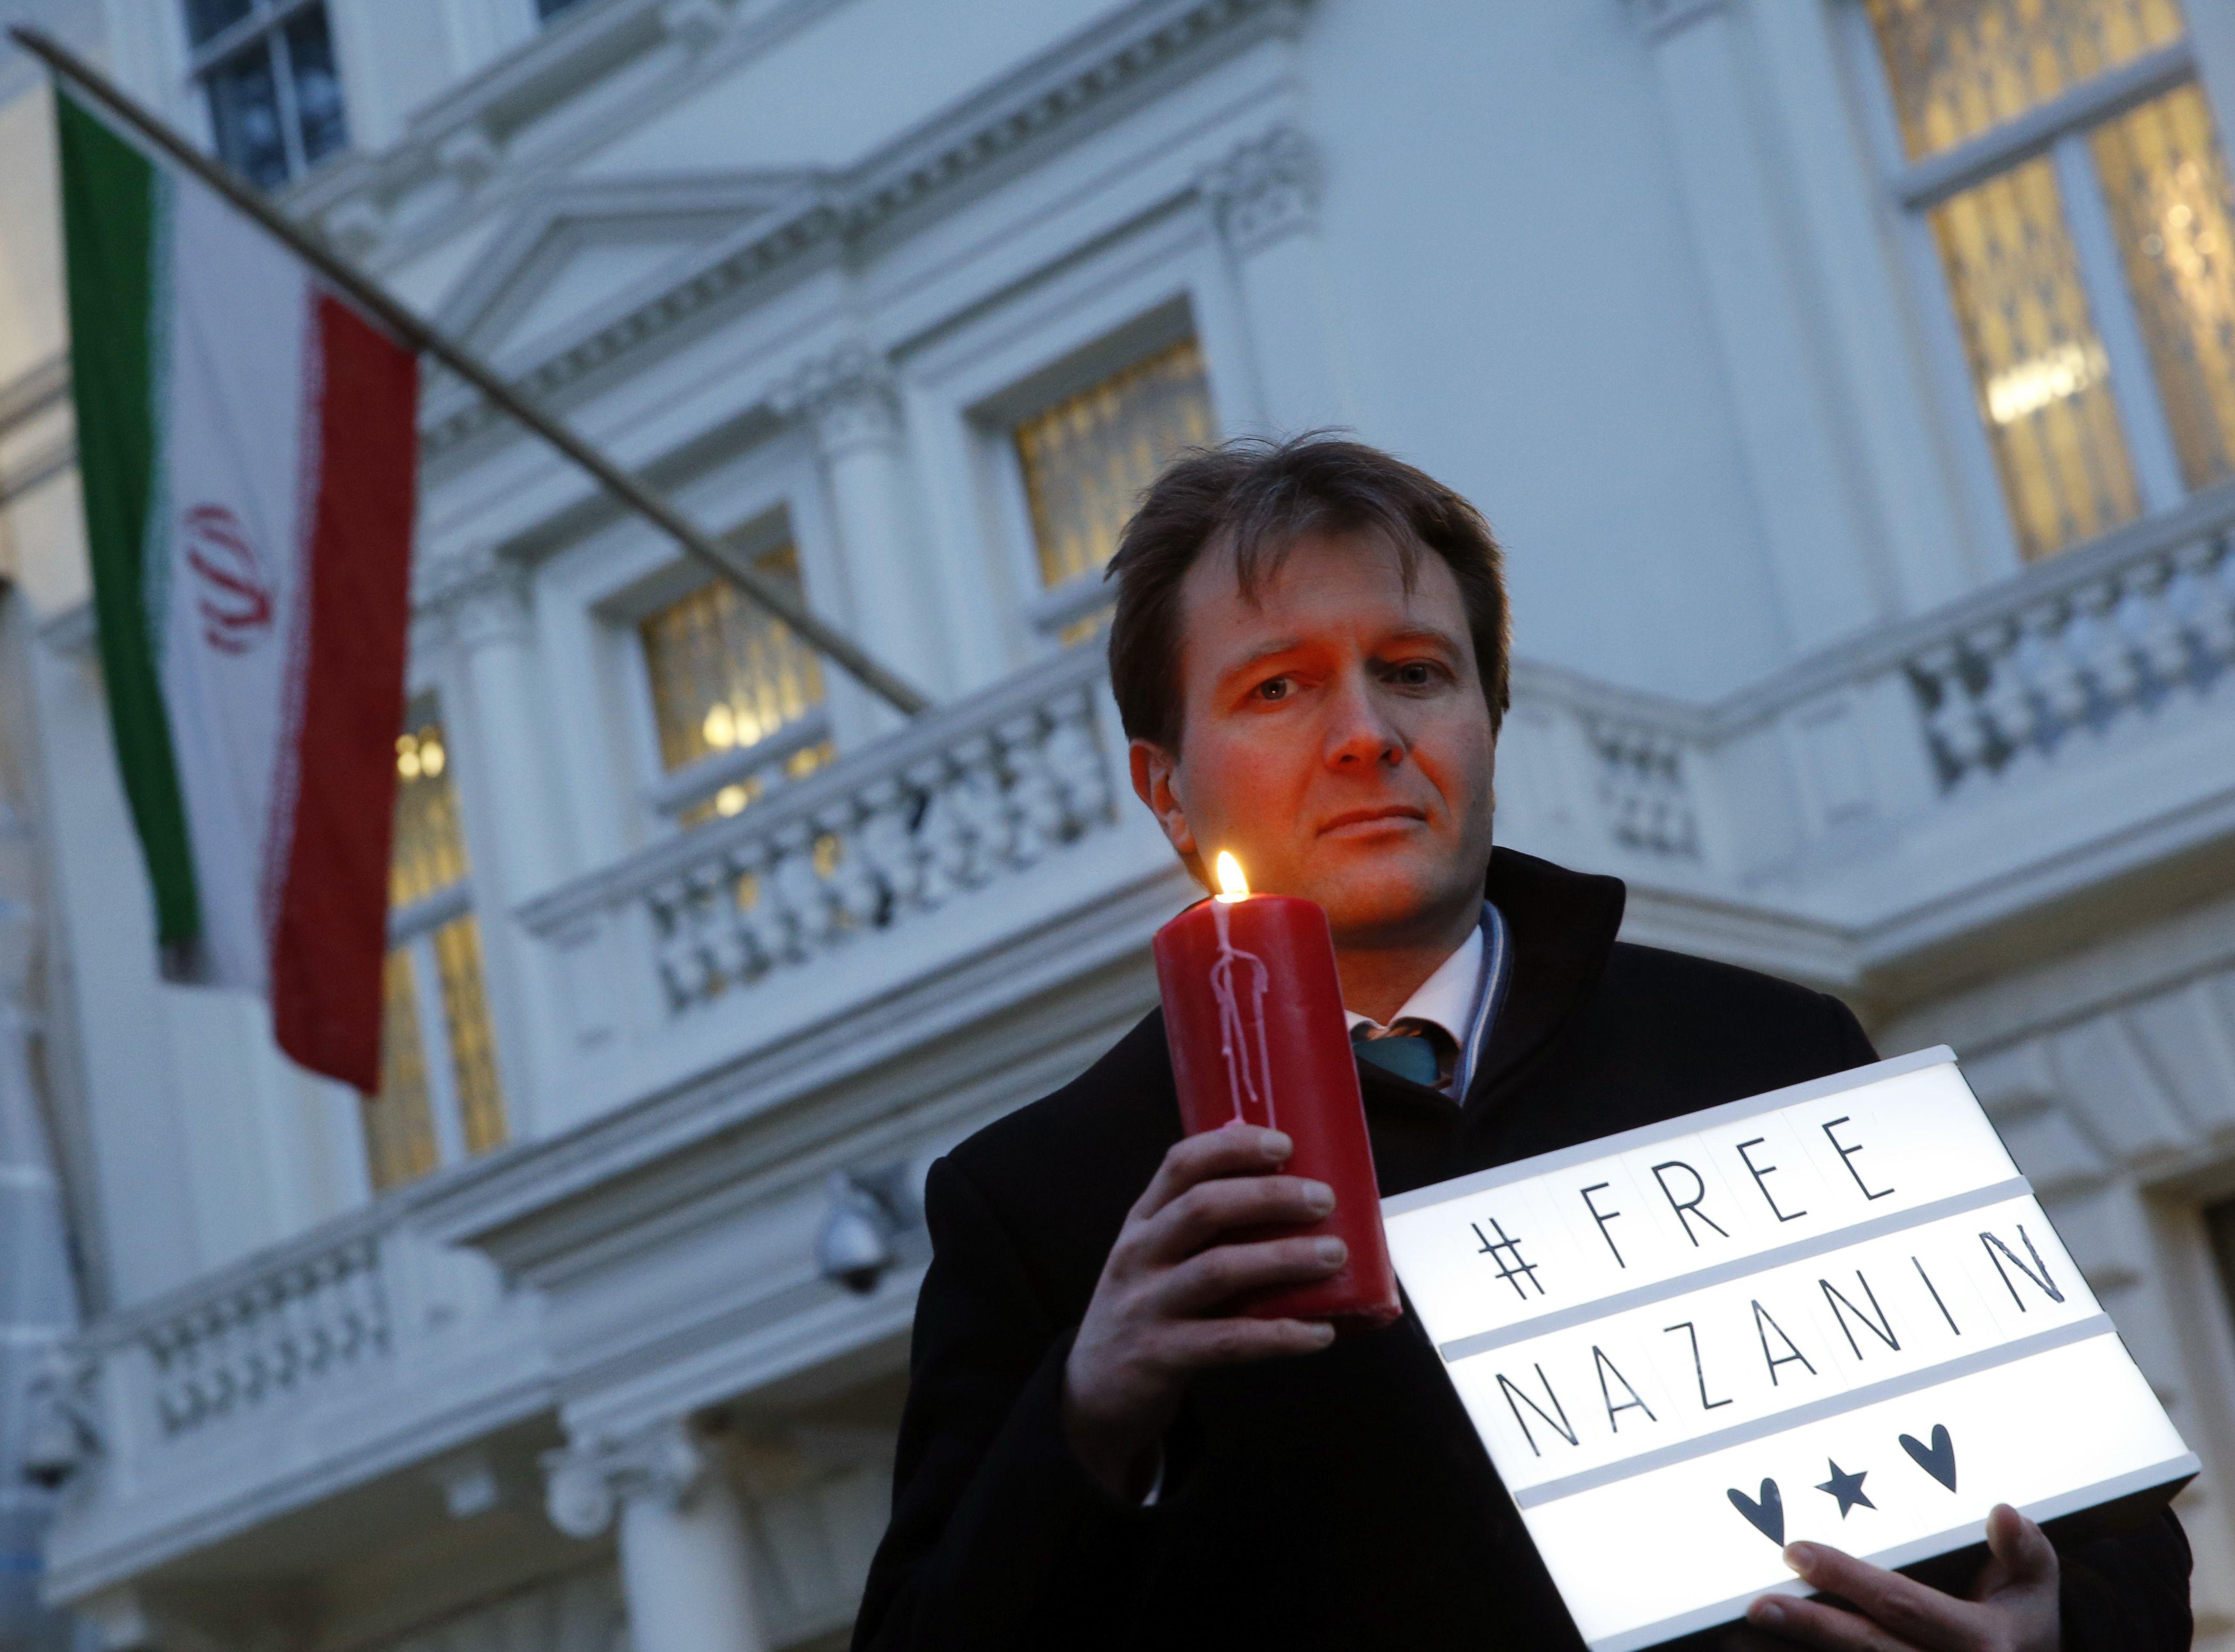 En huelga de hambre esposo de británica detenida en Irán